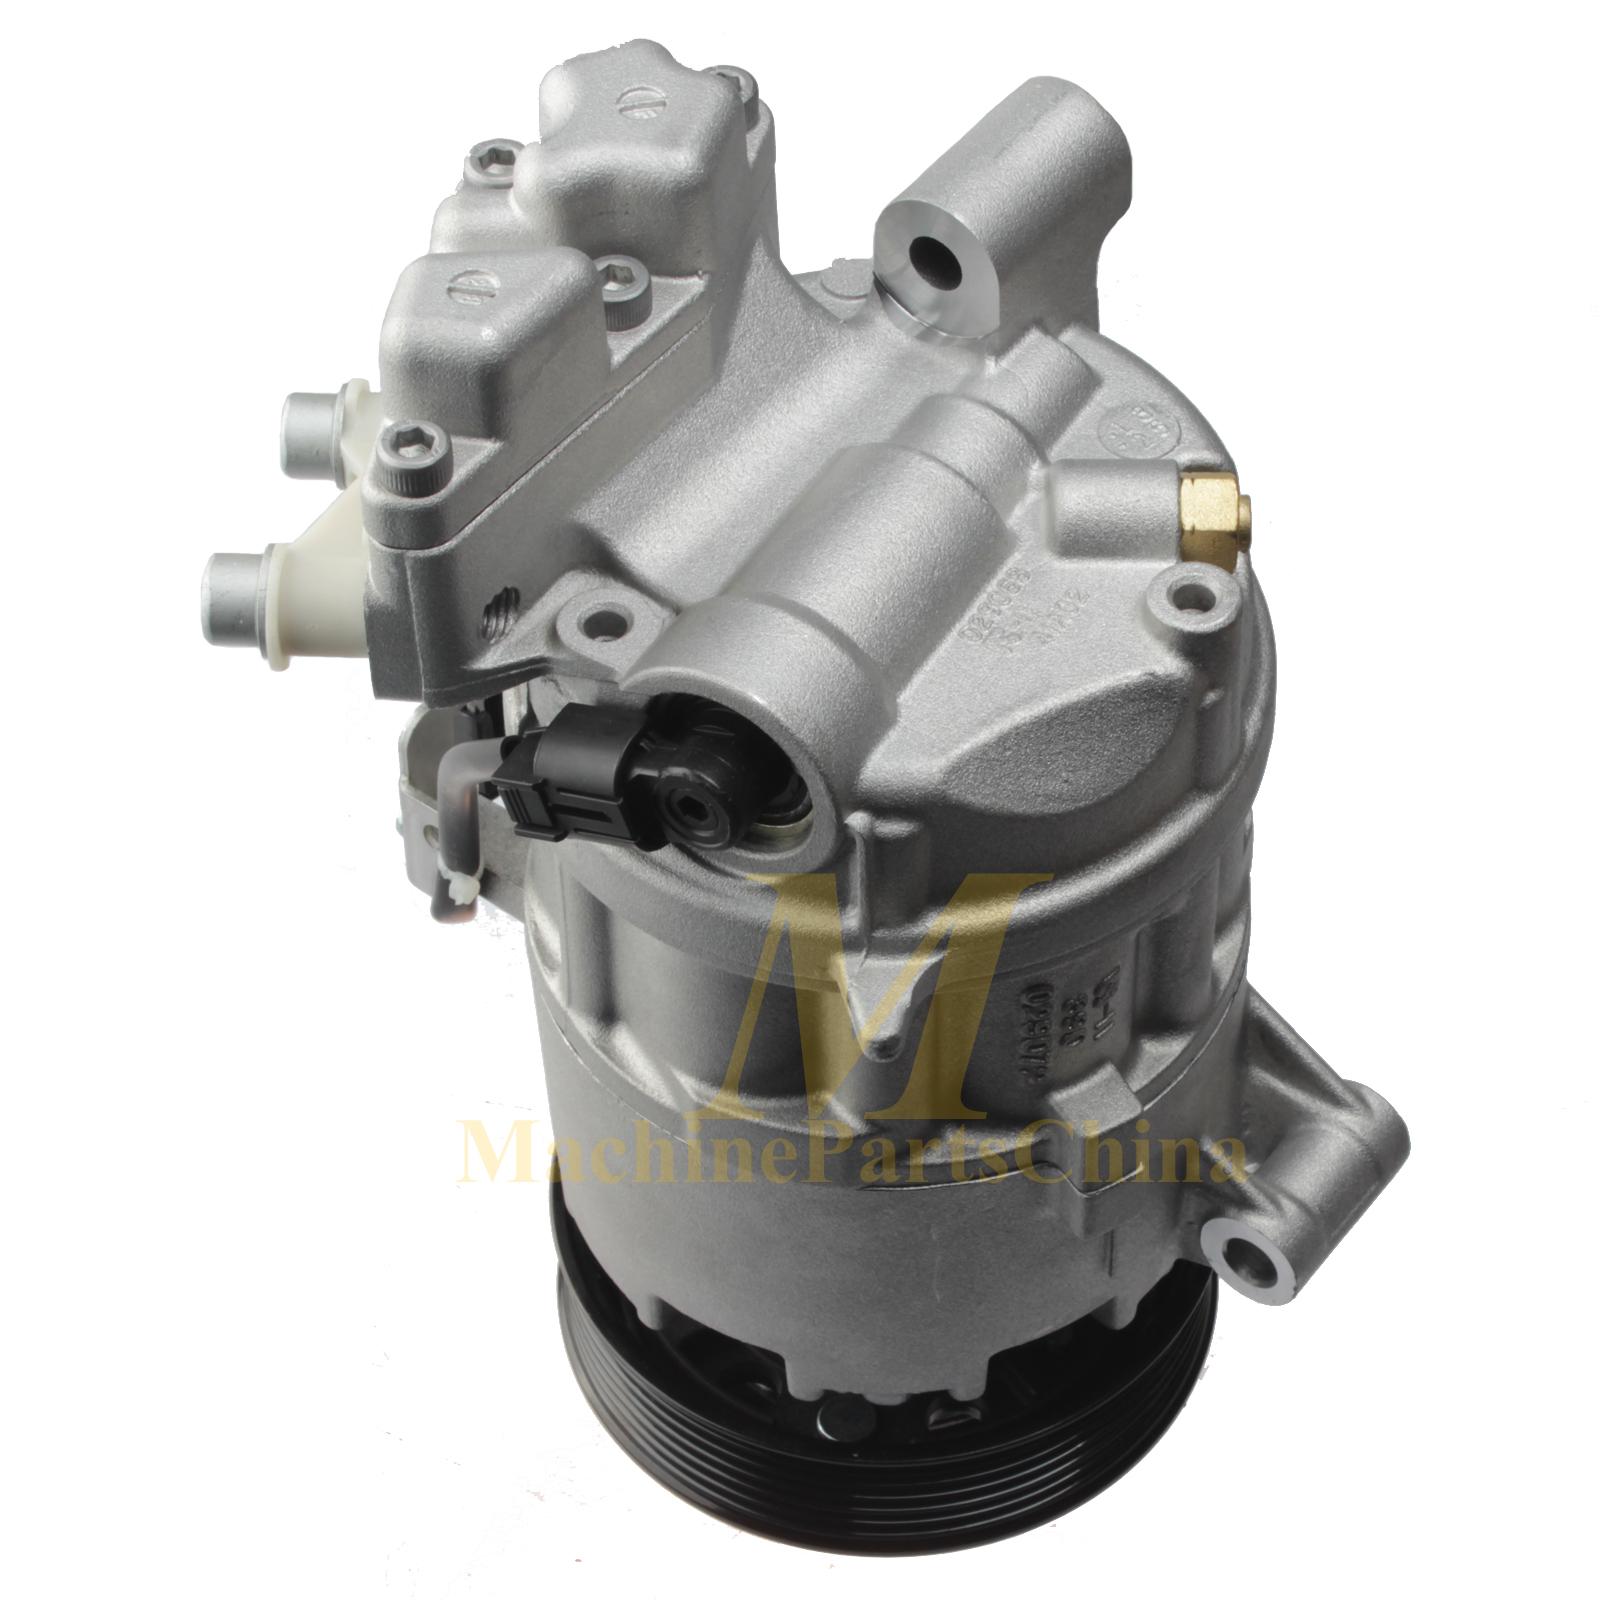 64529182793 64509156821 64526915380 E90 E91 E93 Air Conditioning Compressor